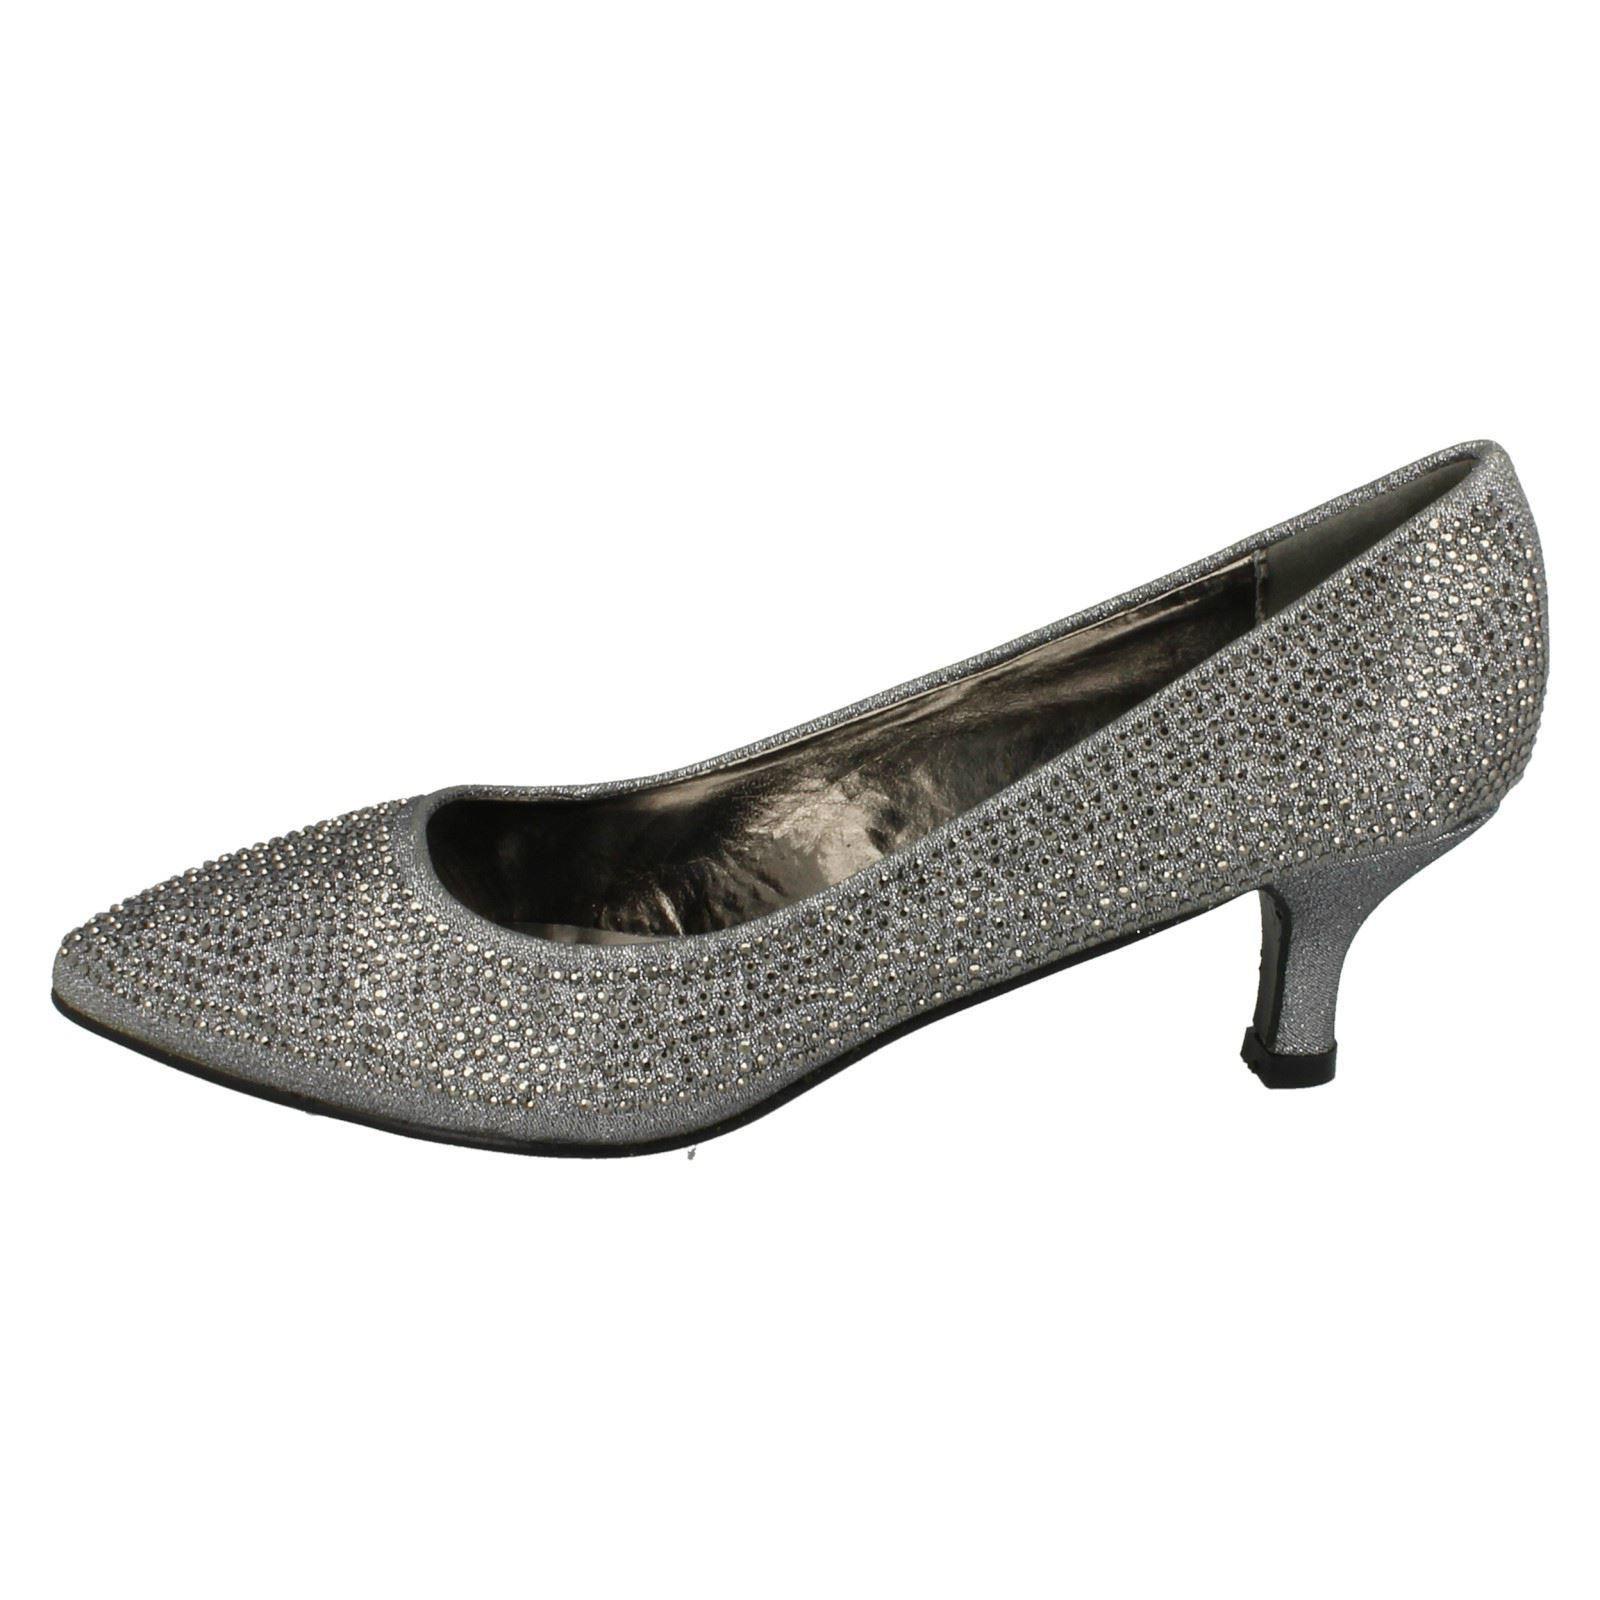 Ladies-Anne-Michelle-Diamante-Low-Heel-Court-Shoes thumbnail 21